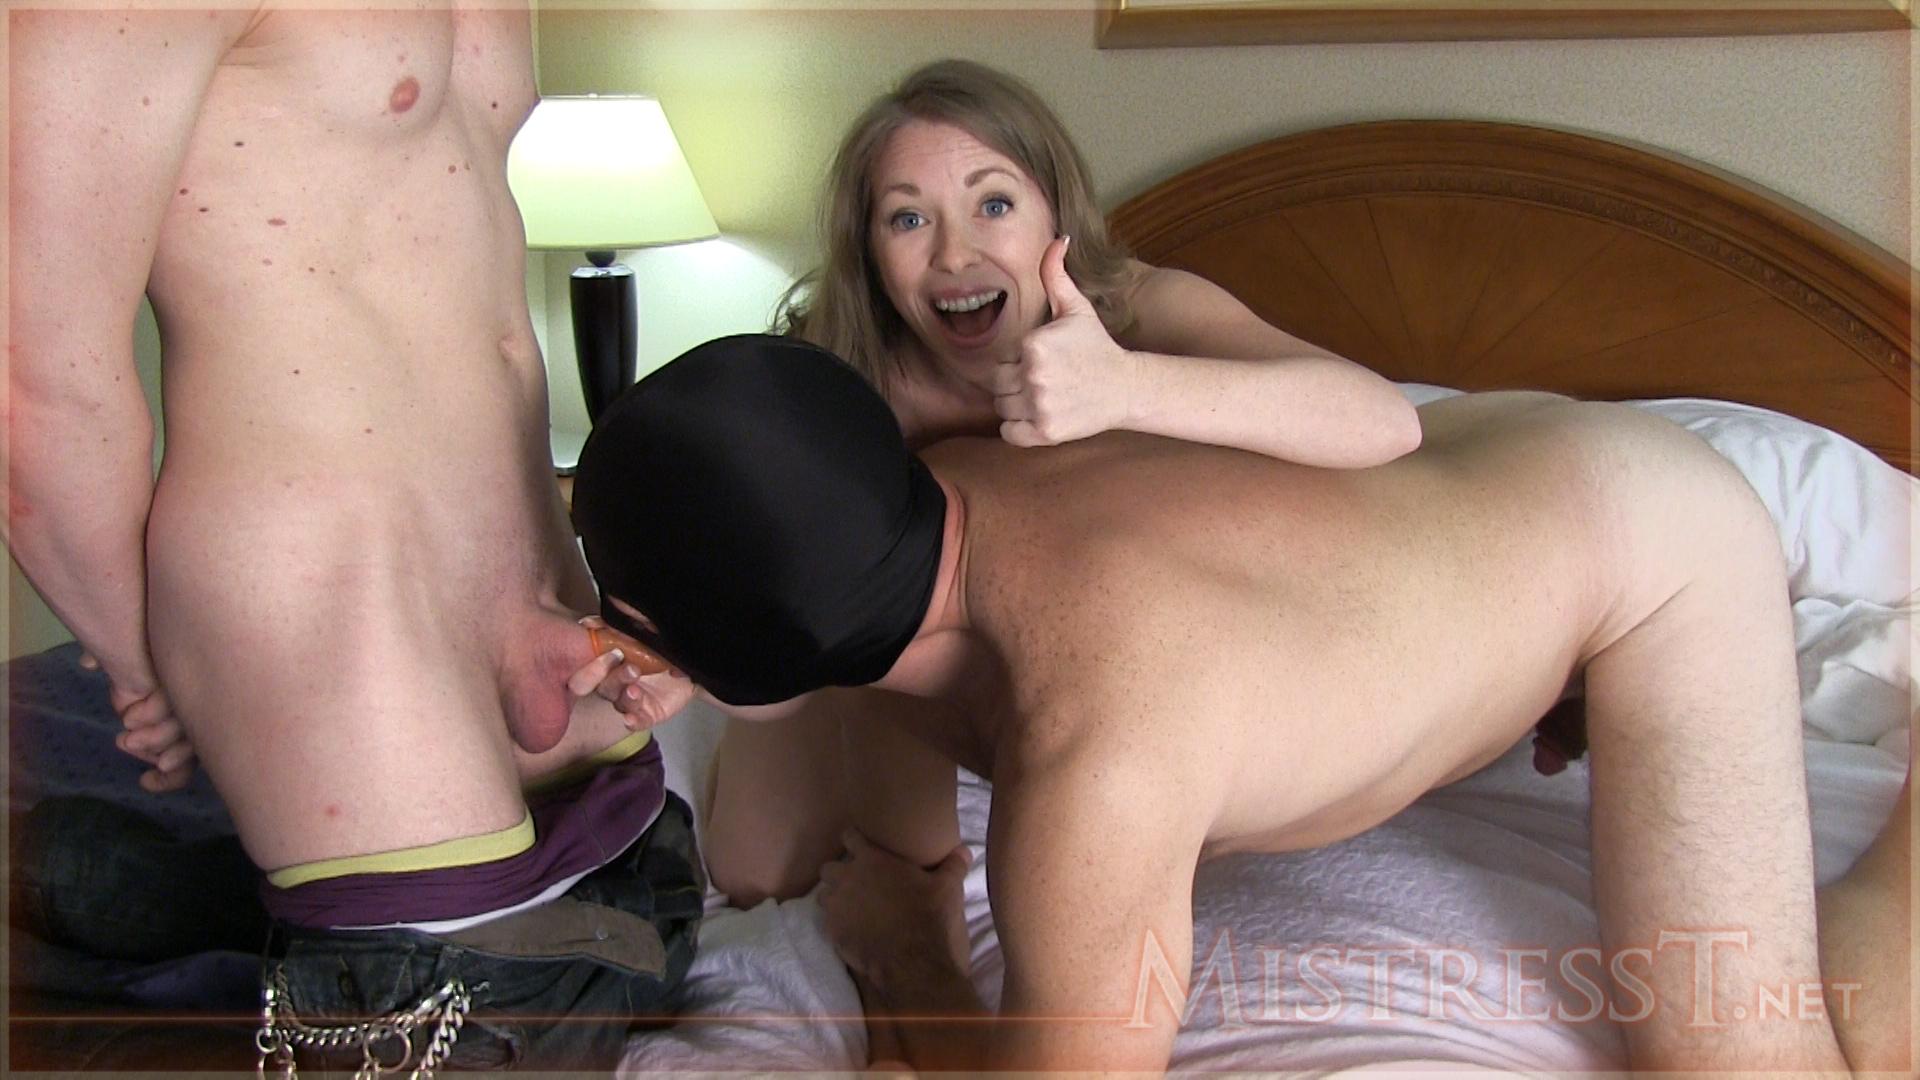 Chubby girls porn video